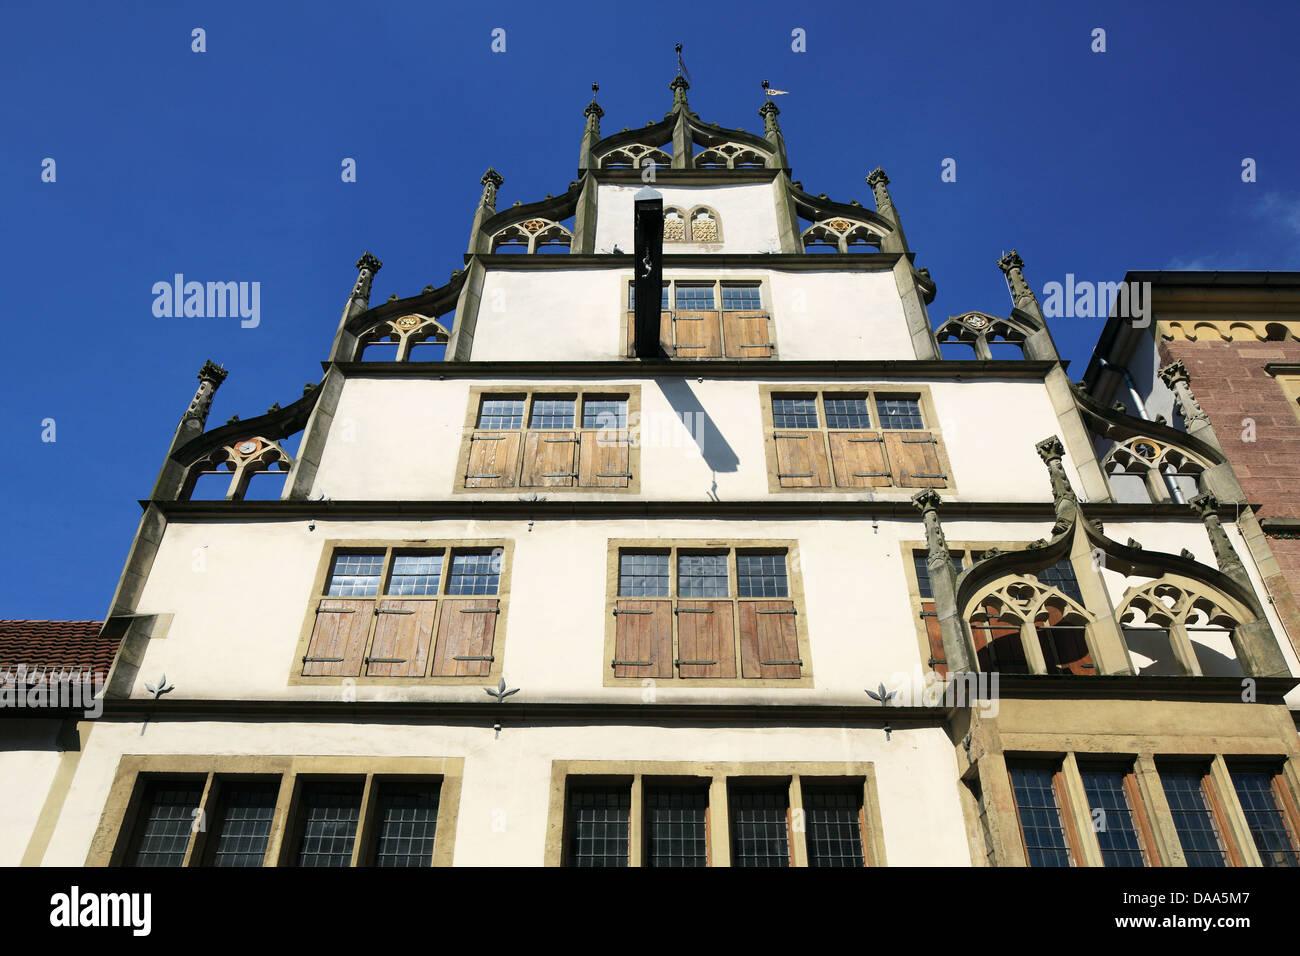 Wippermannsches Haus in der Kramerstrasse von Lemgo, Weserbergland, Nordrhein-Westfalen - Stock Image